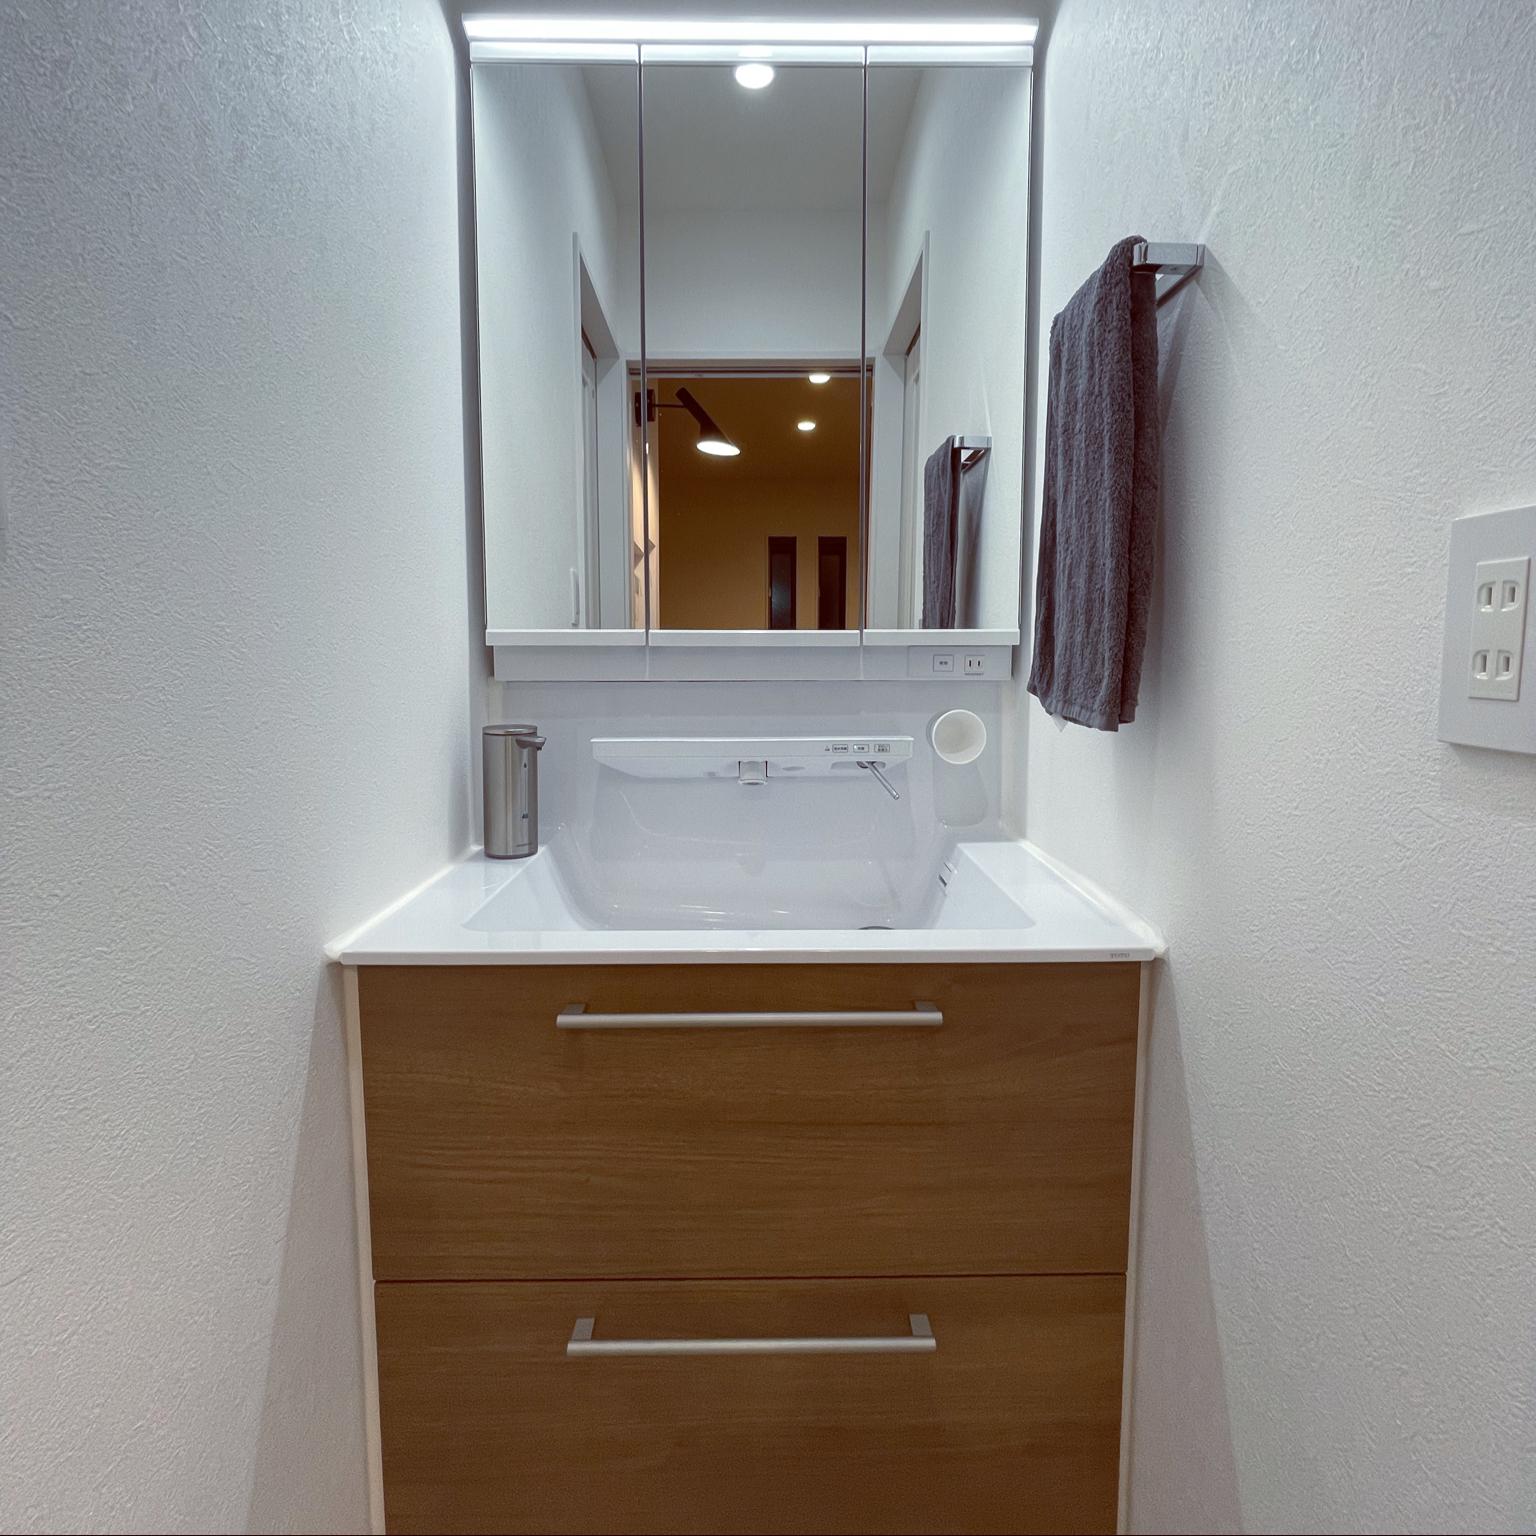 夏のスペシャルクーポン/RoomClipショッピング/ソープディスペンサー/シンプルヒューマン/バス/トイレのインテリア実例 - 2021-09-28 13:24:50